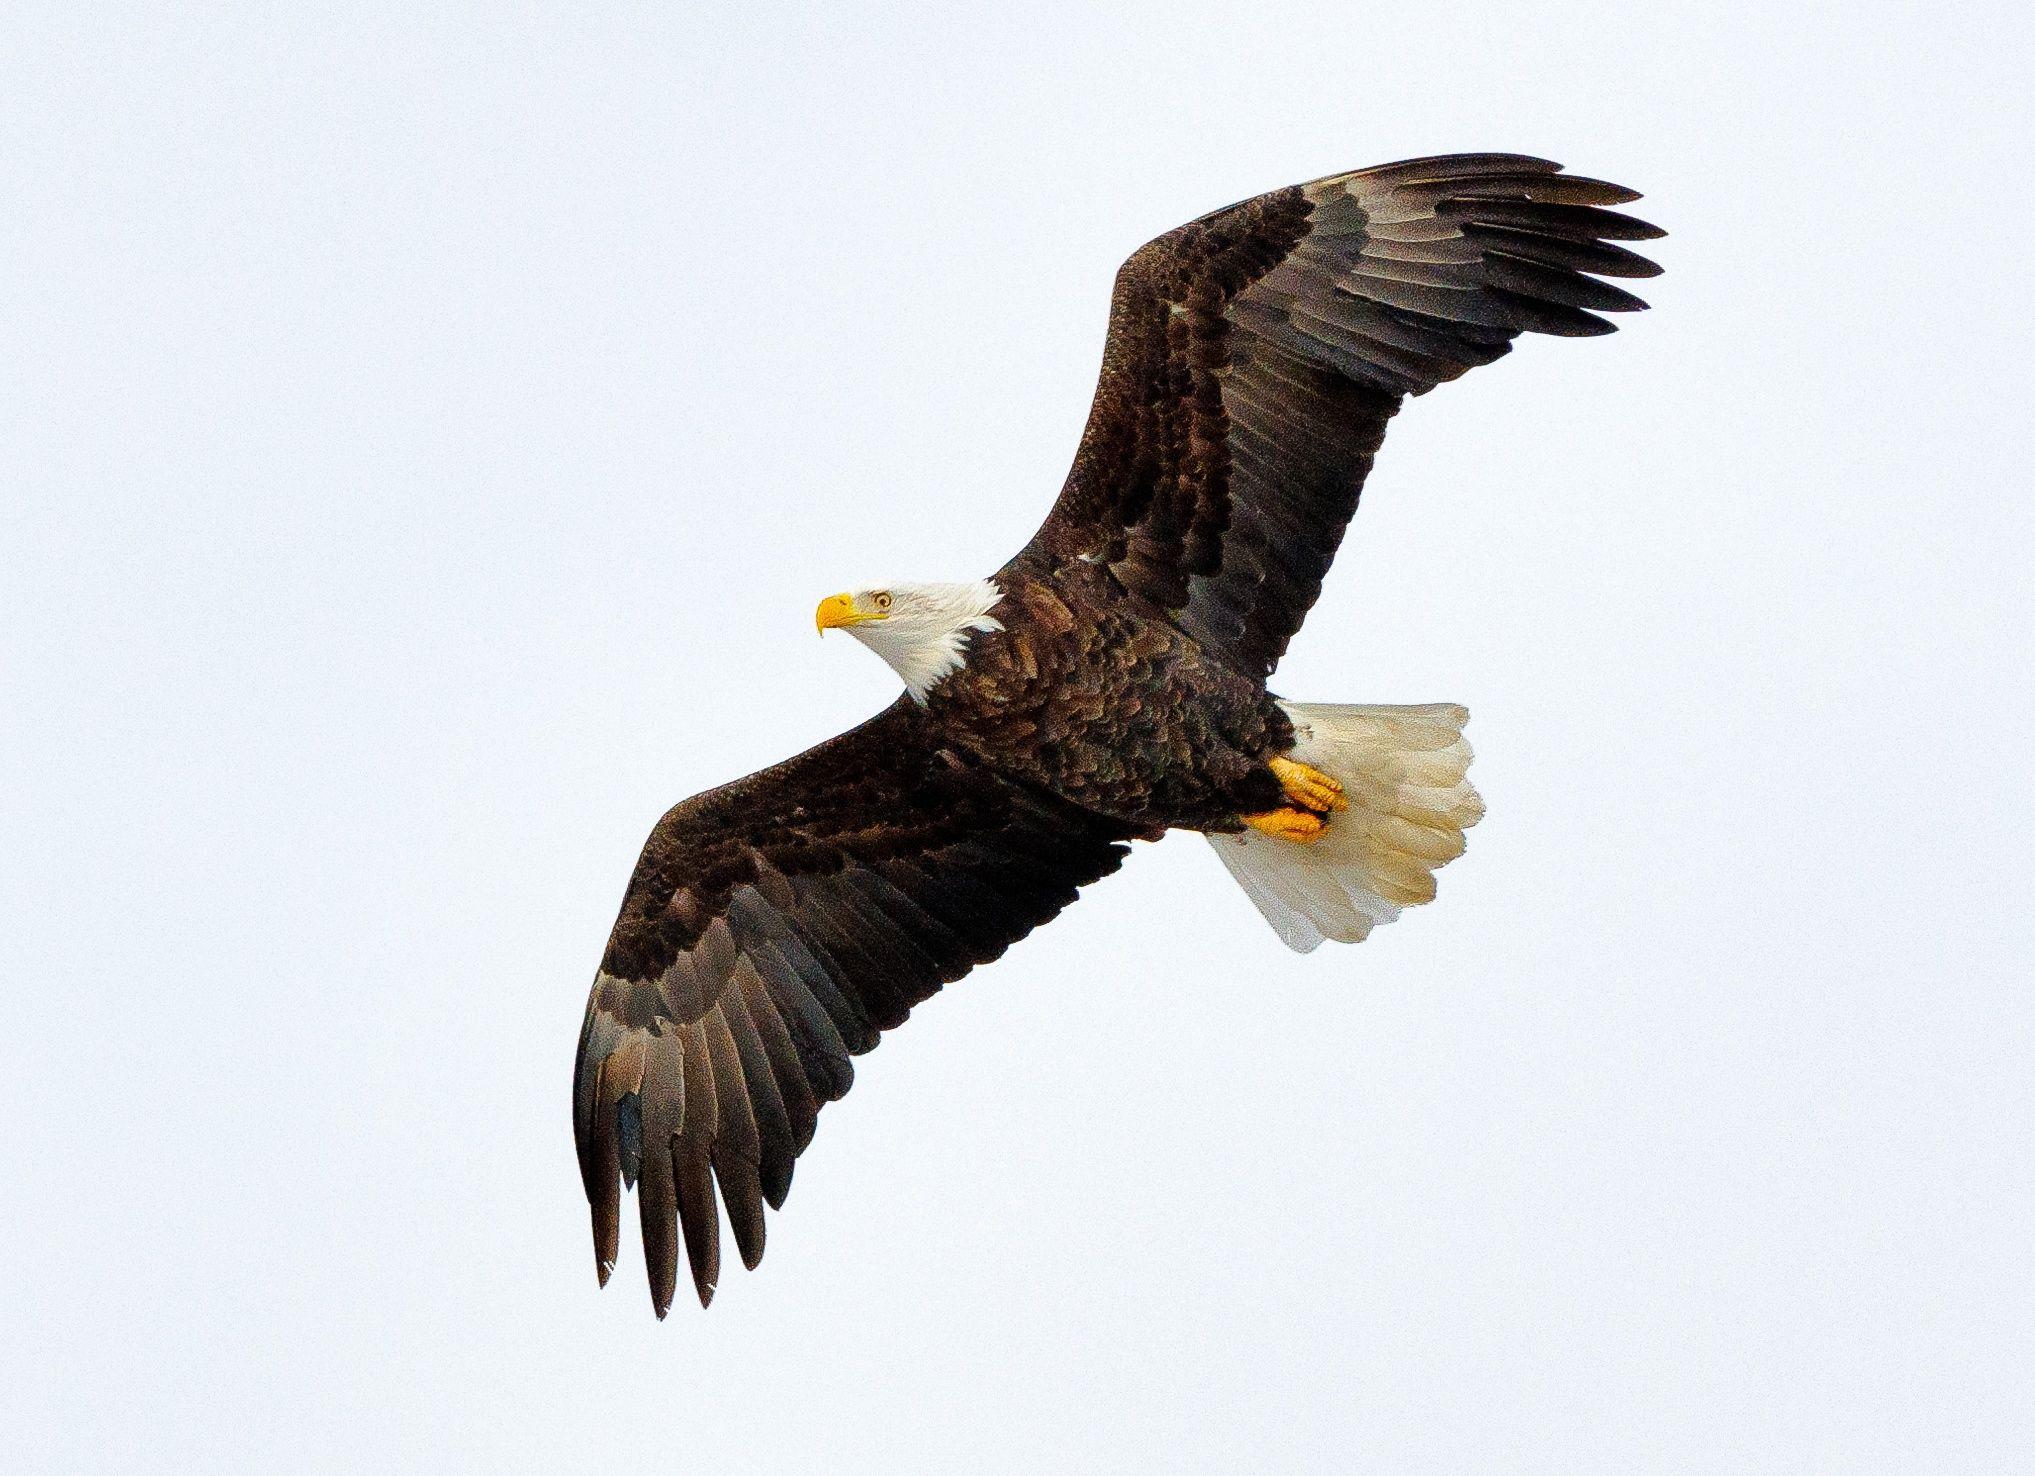 American Bald Eagle in Flight by Nancy Helmer on 500px